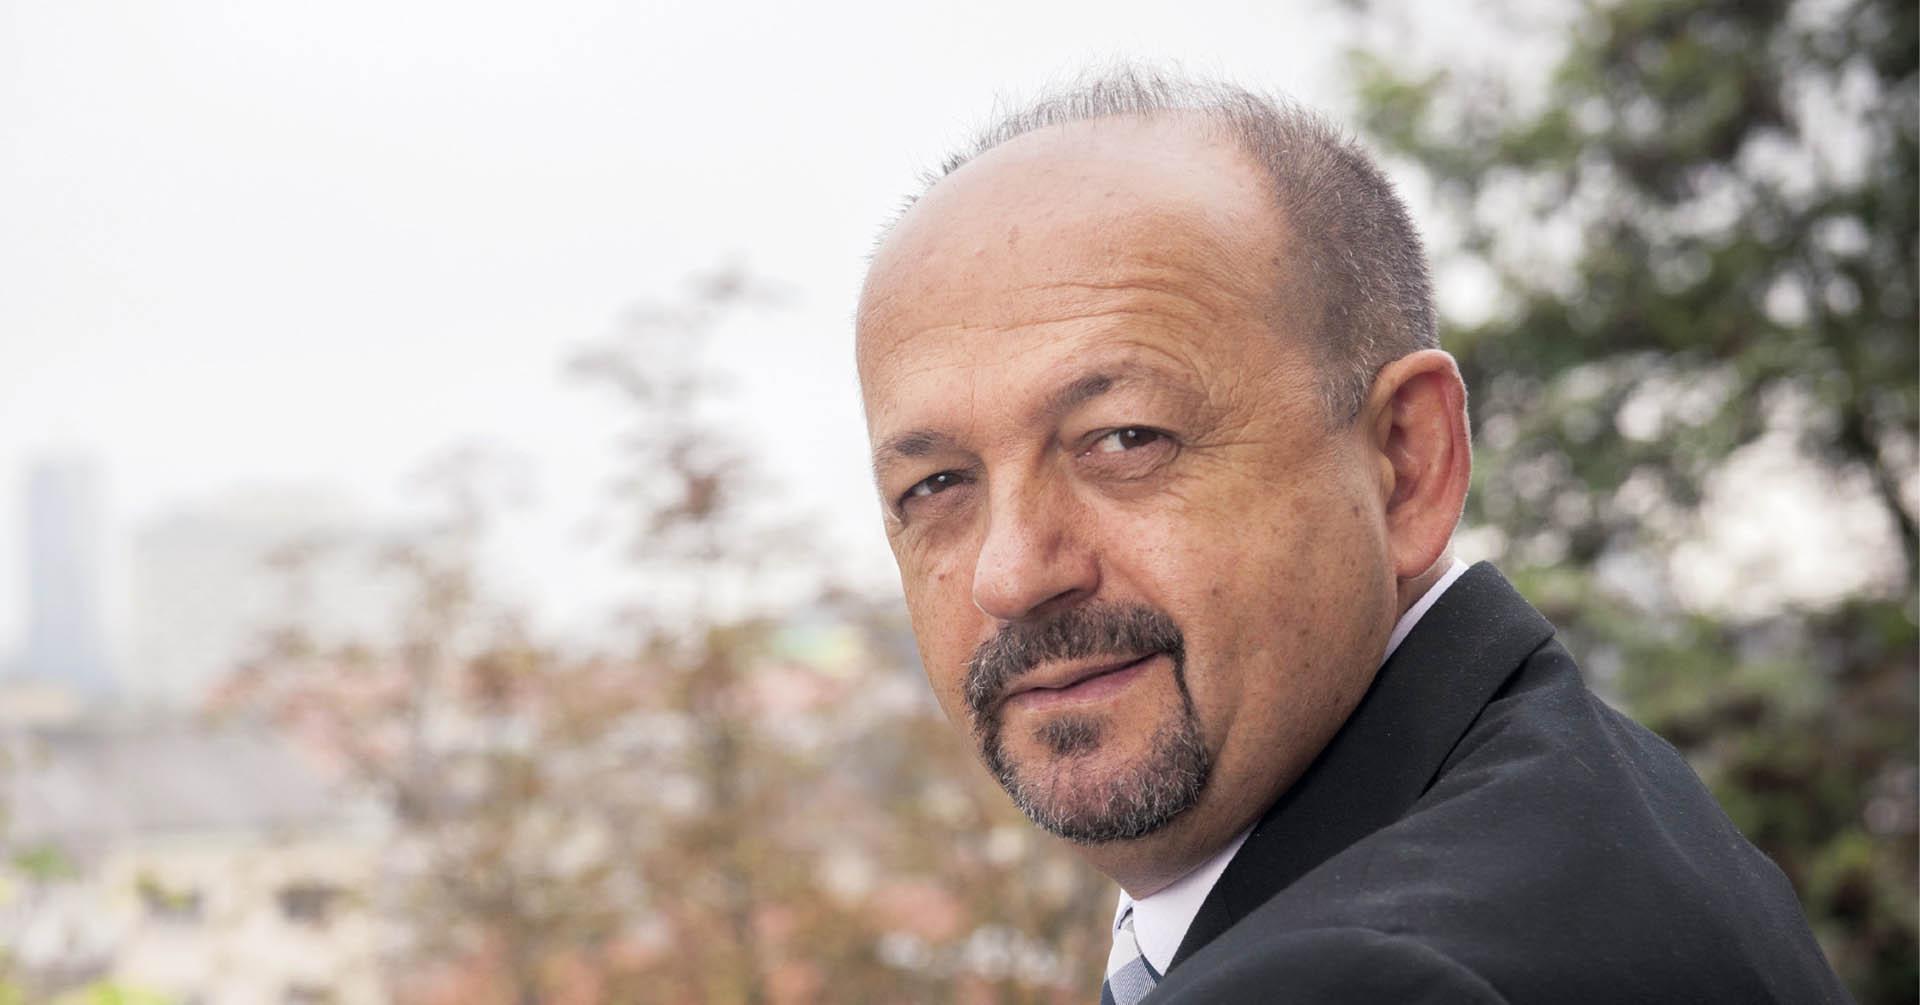 INTERVJU Ivan Lovrinović: 'POTPREDSJEDNICA VLADE Martina Dalić nesvjesno je priznala da je lex Agrokor bio nepotreban'